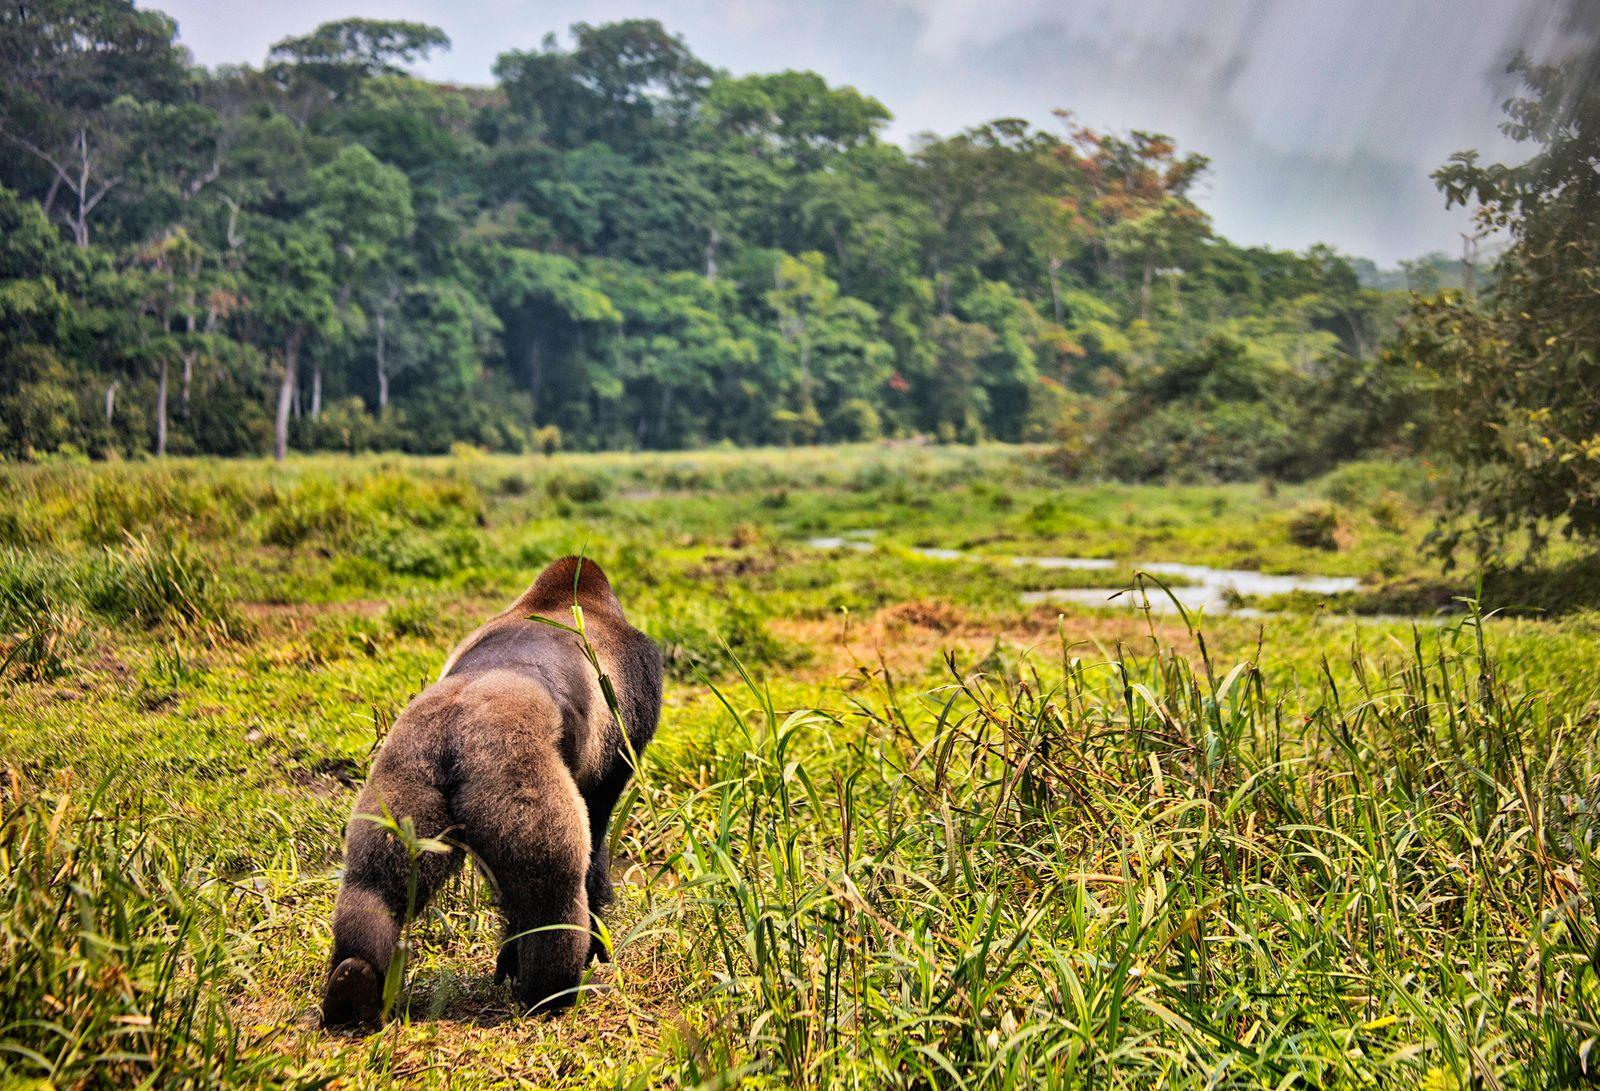 Western Lowland Gorilla (Gorilla gorilla gorilla). BAI Hokou. Dzanga Sangha Special Dense Forest Reserve, Central Africa